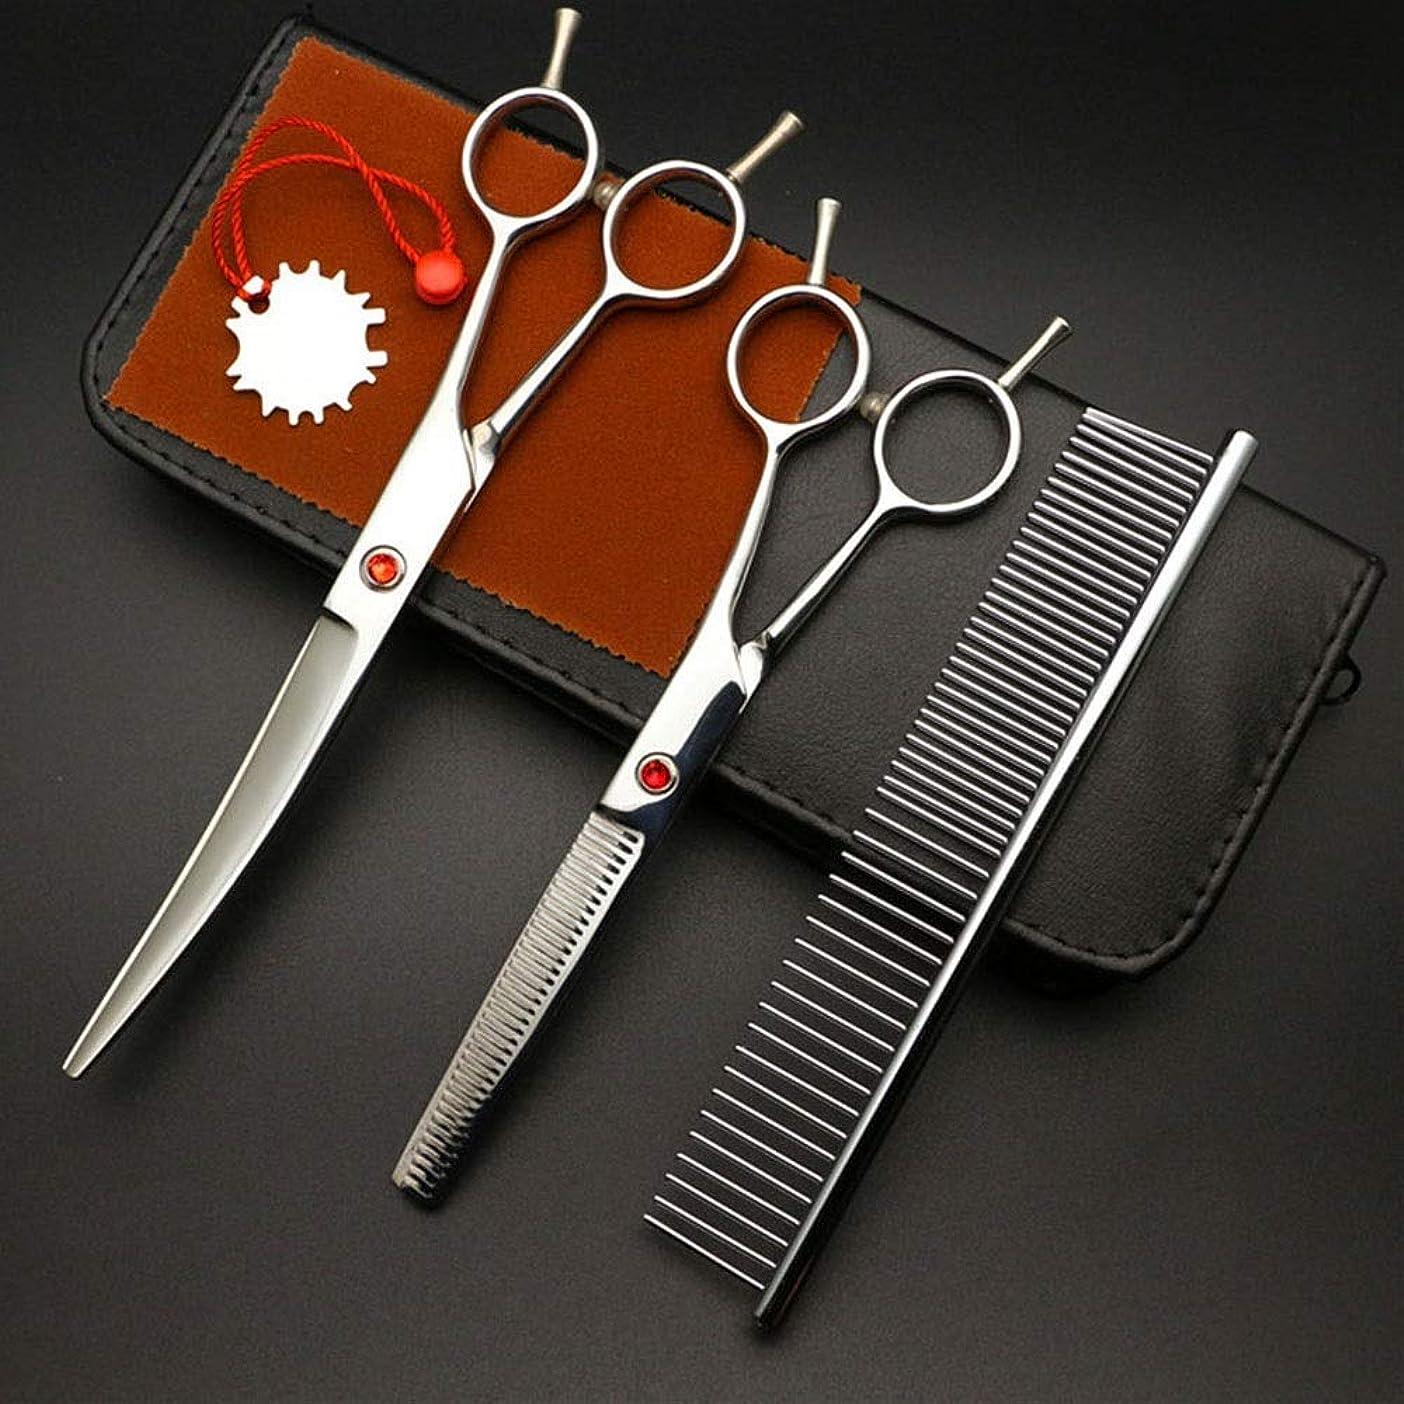 スライム立法珍味理髪用はさみ 7インチペット特別美容院はさみはさみ、ヘアカットはさみ+フラットシアースーツの組み合わせヘアカットはさみステンレス理髪はさみ (色 : Silver)